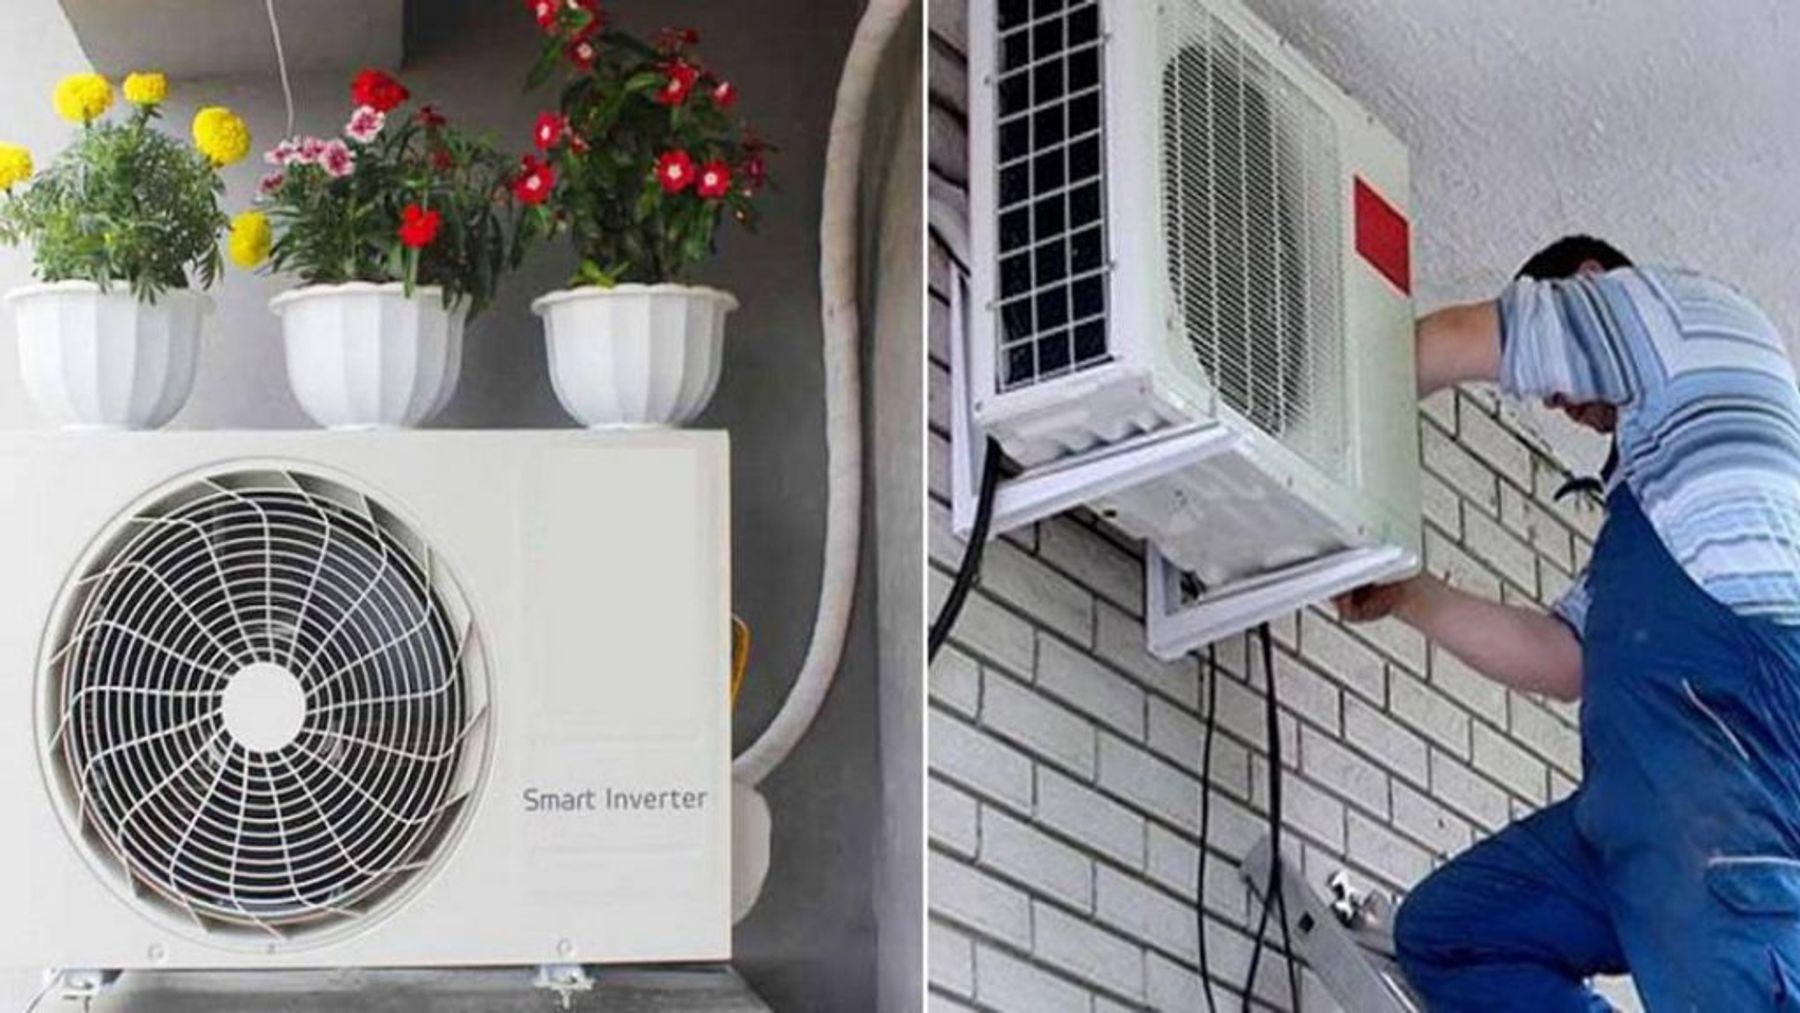 Thay cục nóng máy lạnh bao nhiêu tiền?